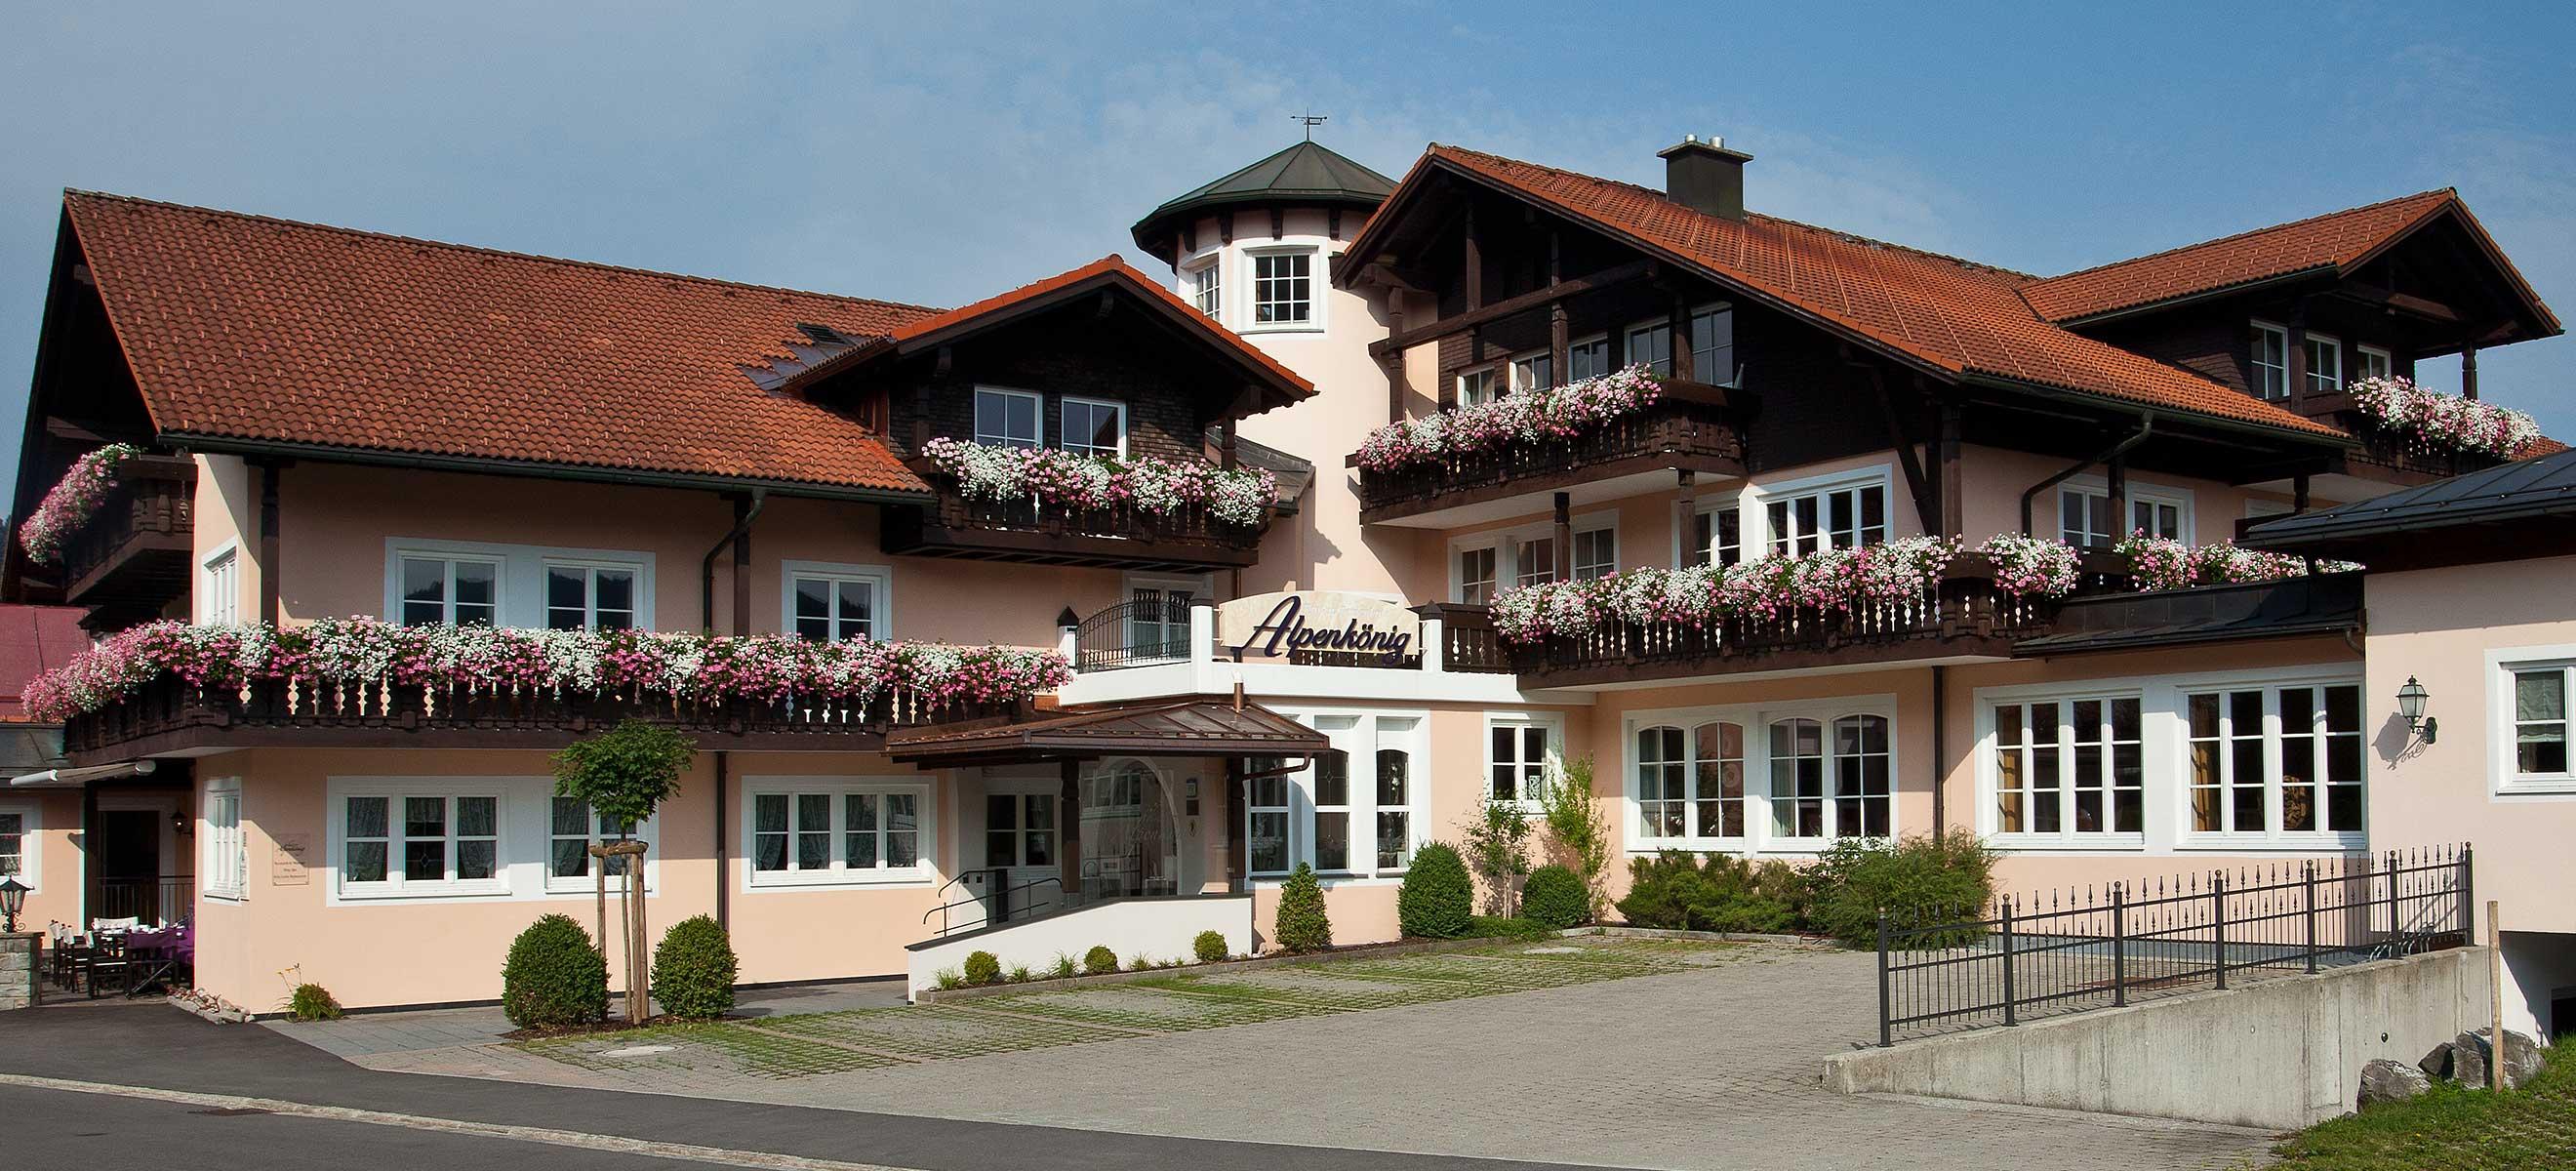 hotel alpenk nig in 87534 oberstaufen falstaff On 87534 oberstaufen